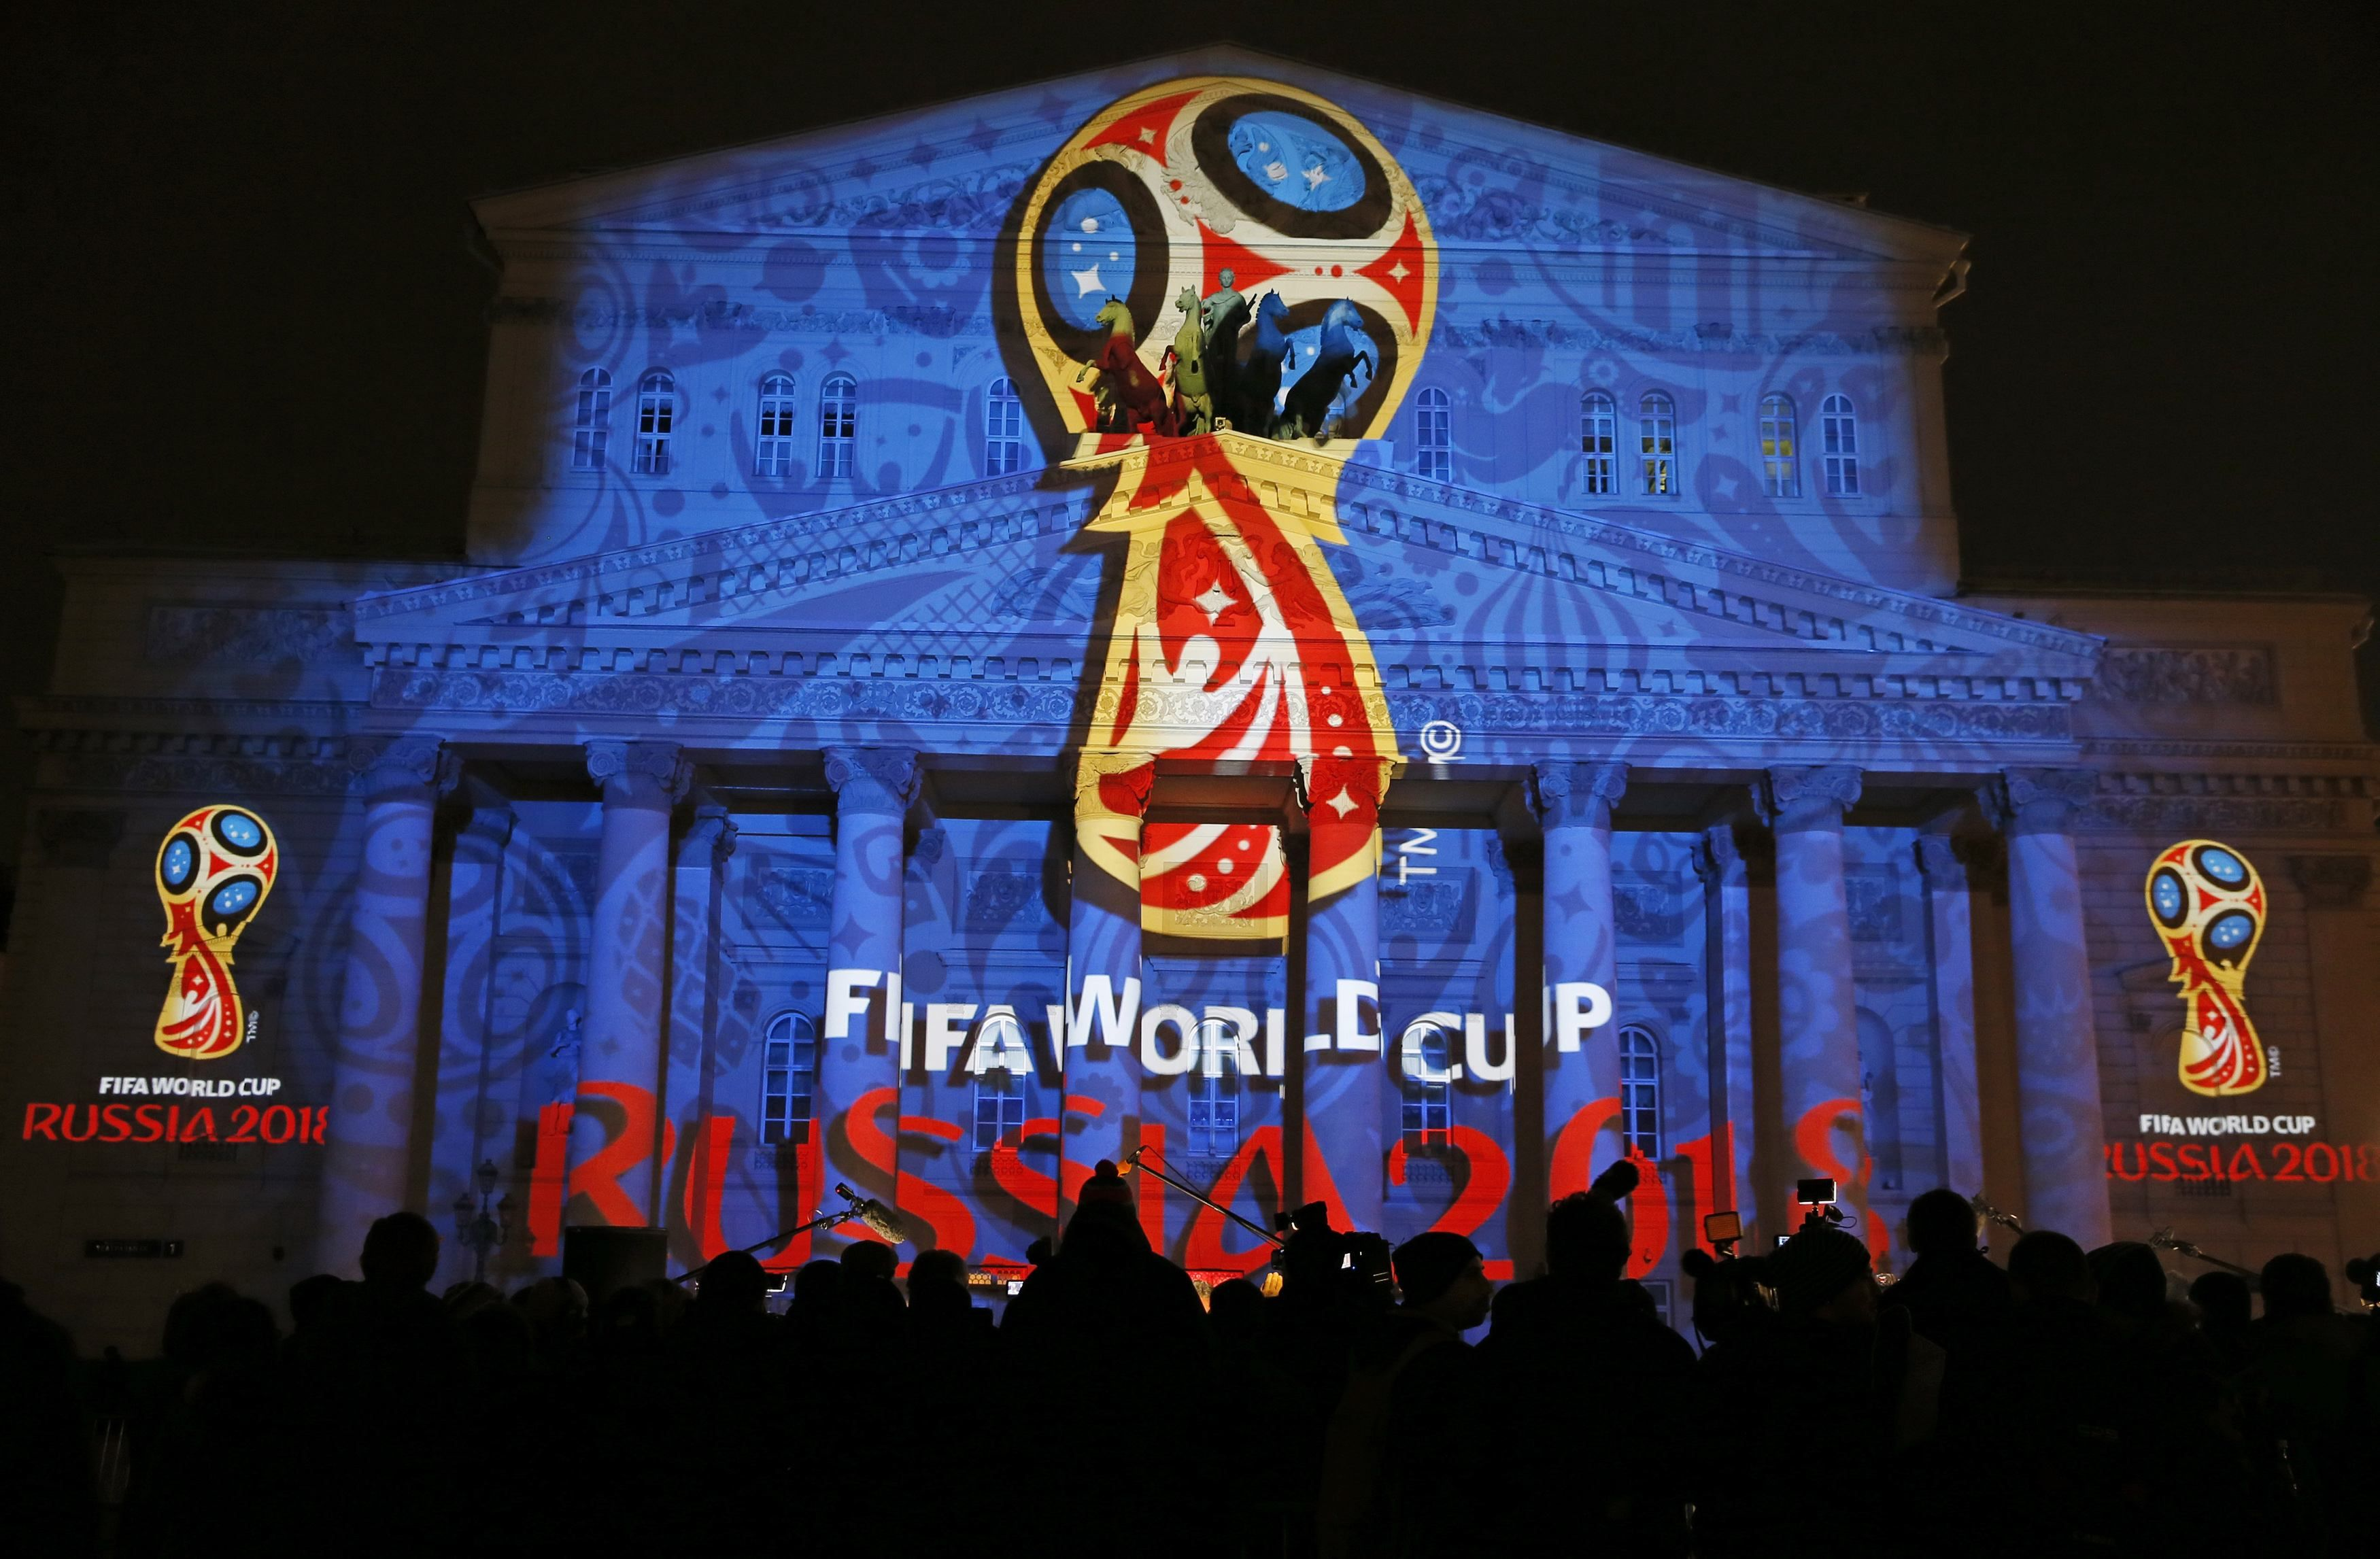 Украинцам лучше не ехать в РФ на Чемпионат мира по футболу-2018, считает Игорь Жданов